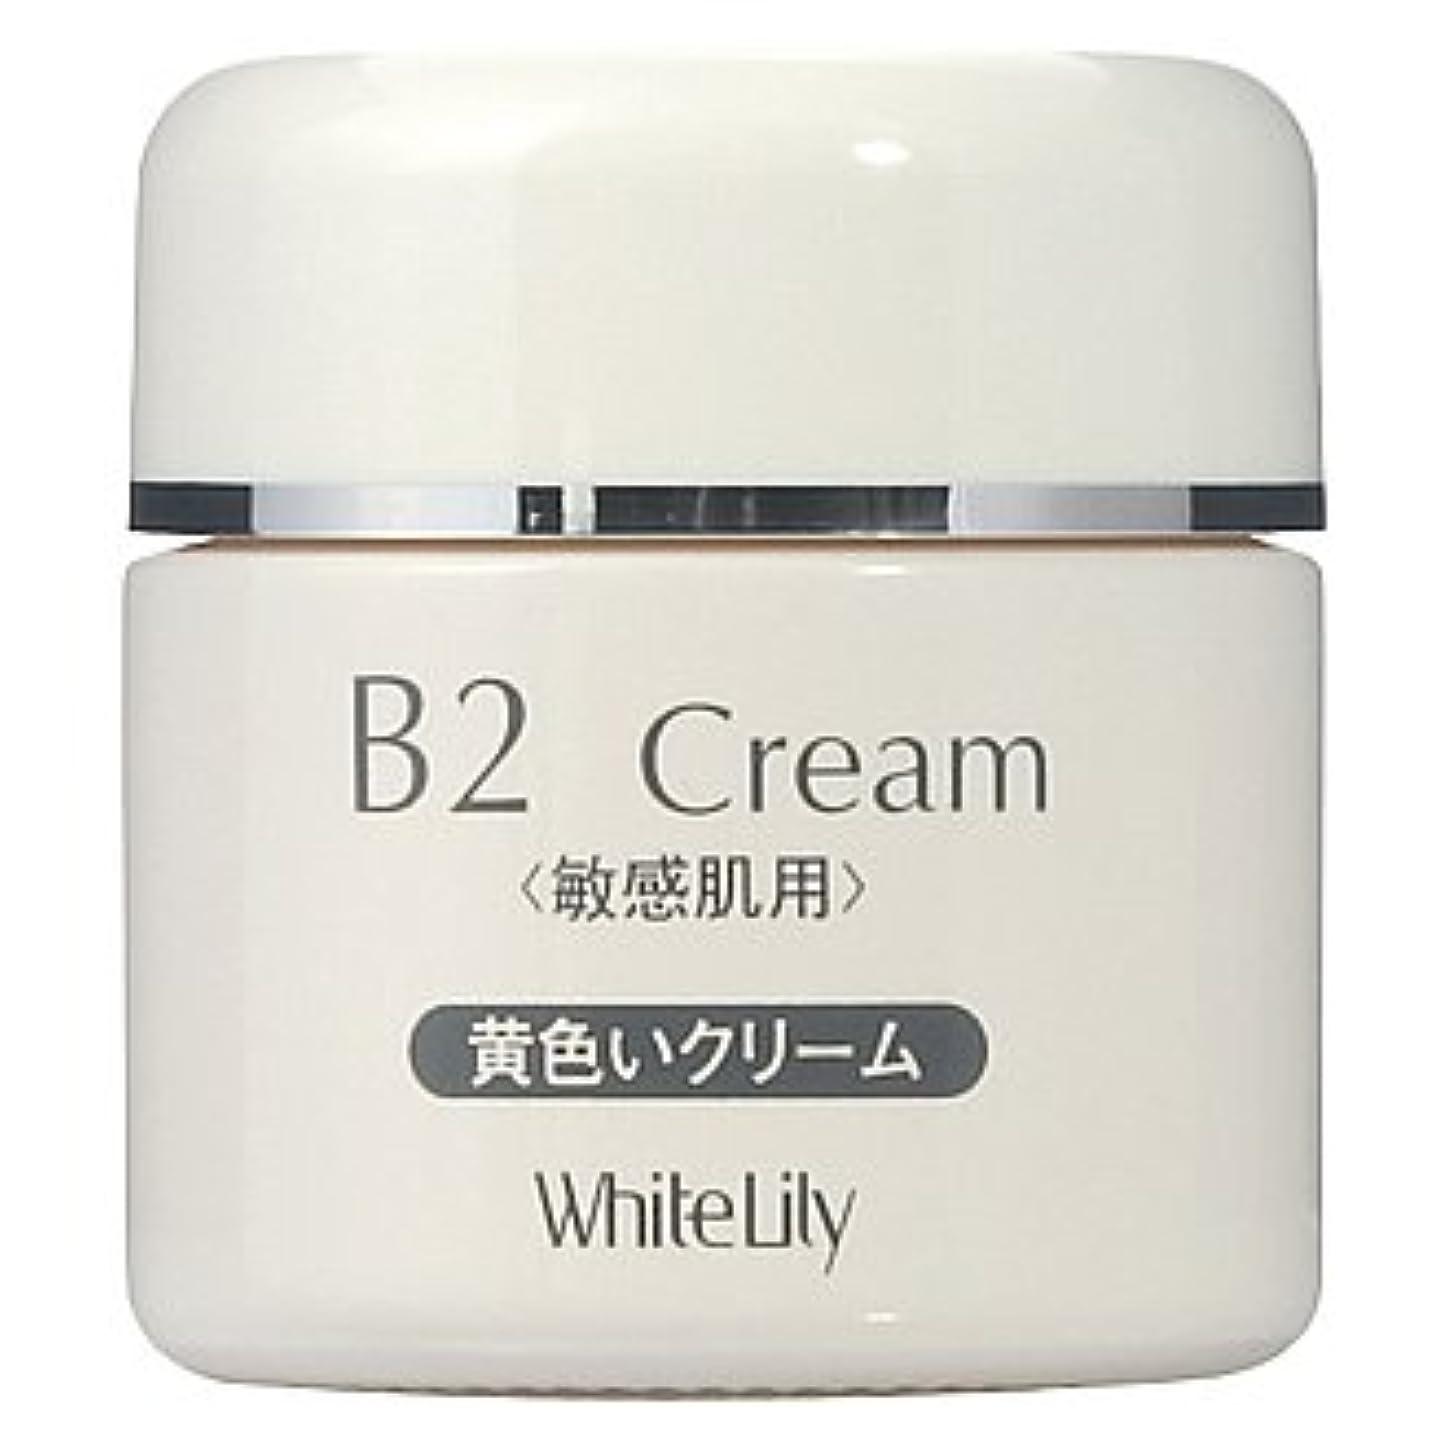 フィードバック海洋の気味の悪いホワイトリリー B2クリーム ボトル40g クリーム